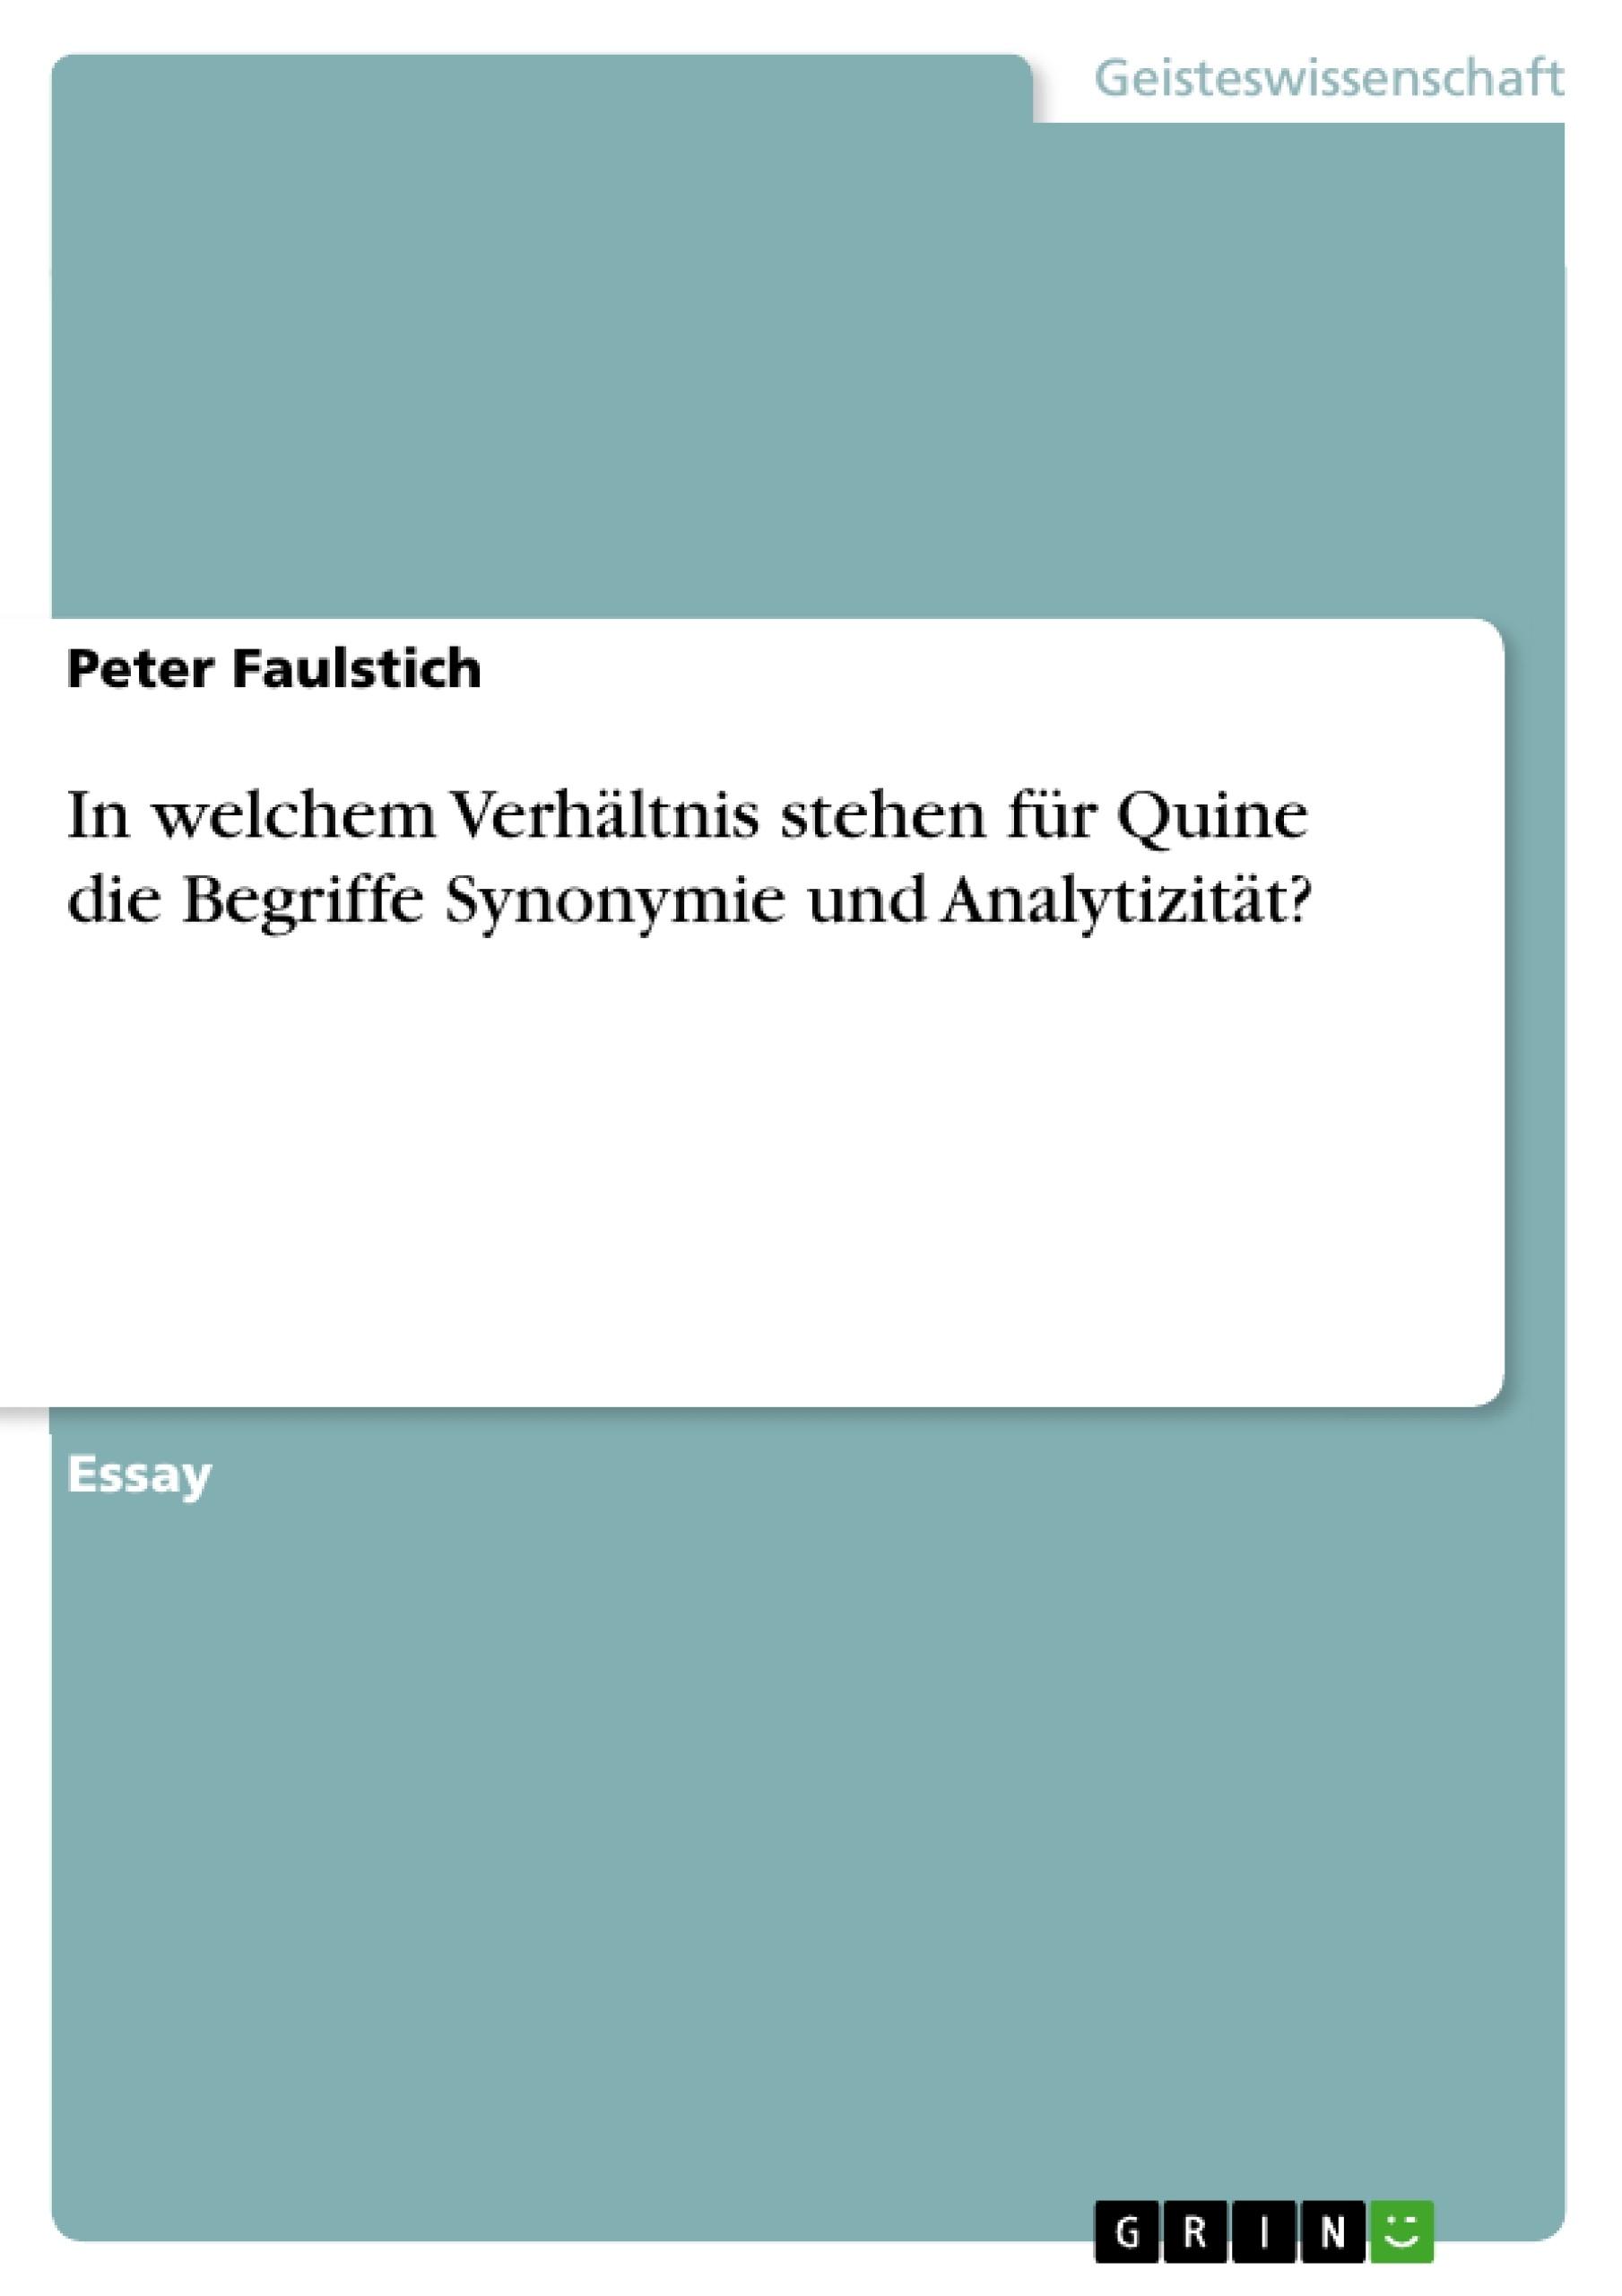 Titel: In welchem Verhältnis stehen für Quine die Begriffe Synonymie und Analytizität?